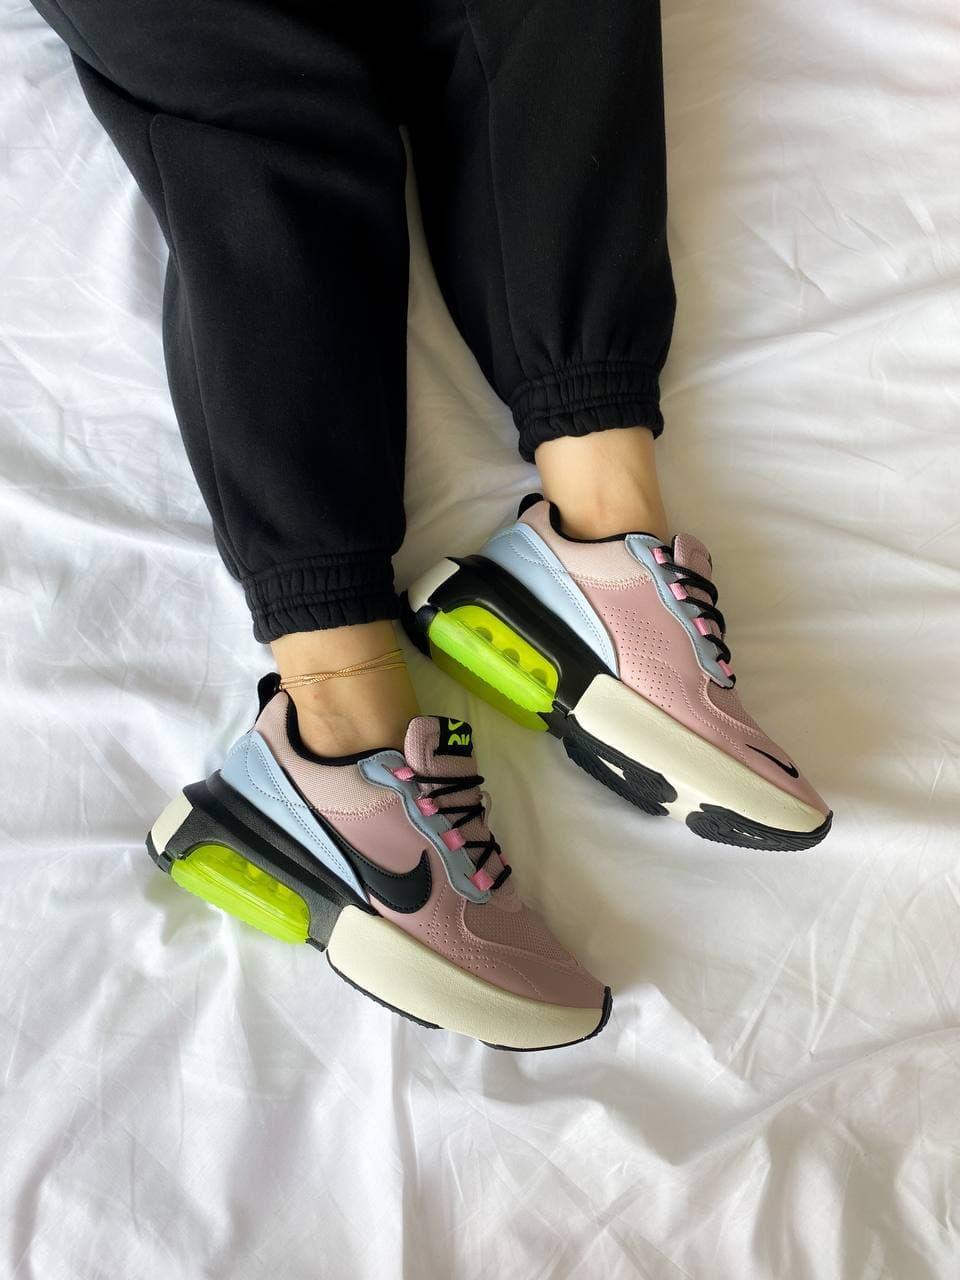 Жіночі кросівки Nike air max verona pink green (рожево-зелені) К4161 стильні кроси